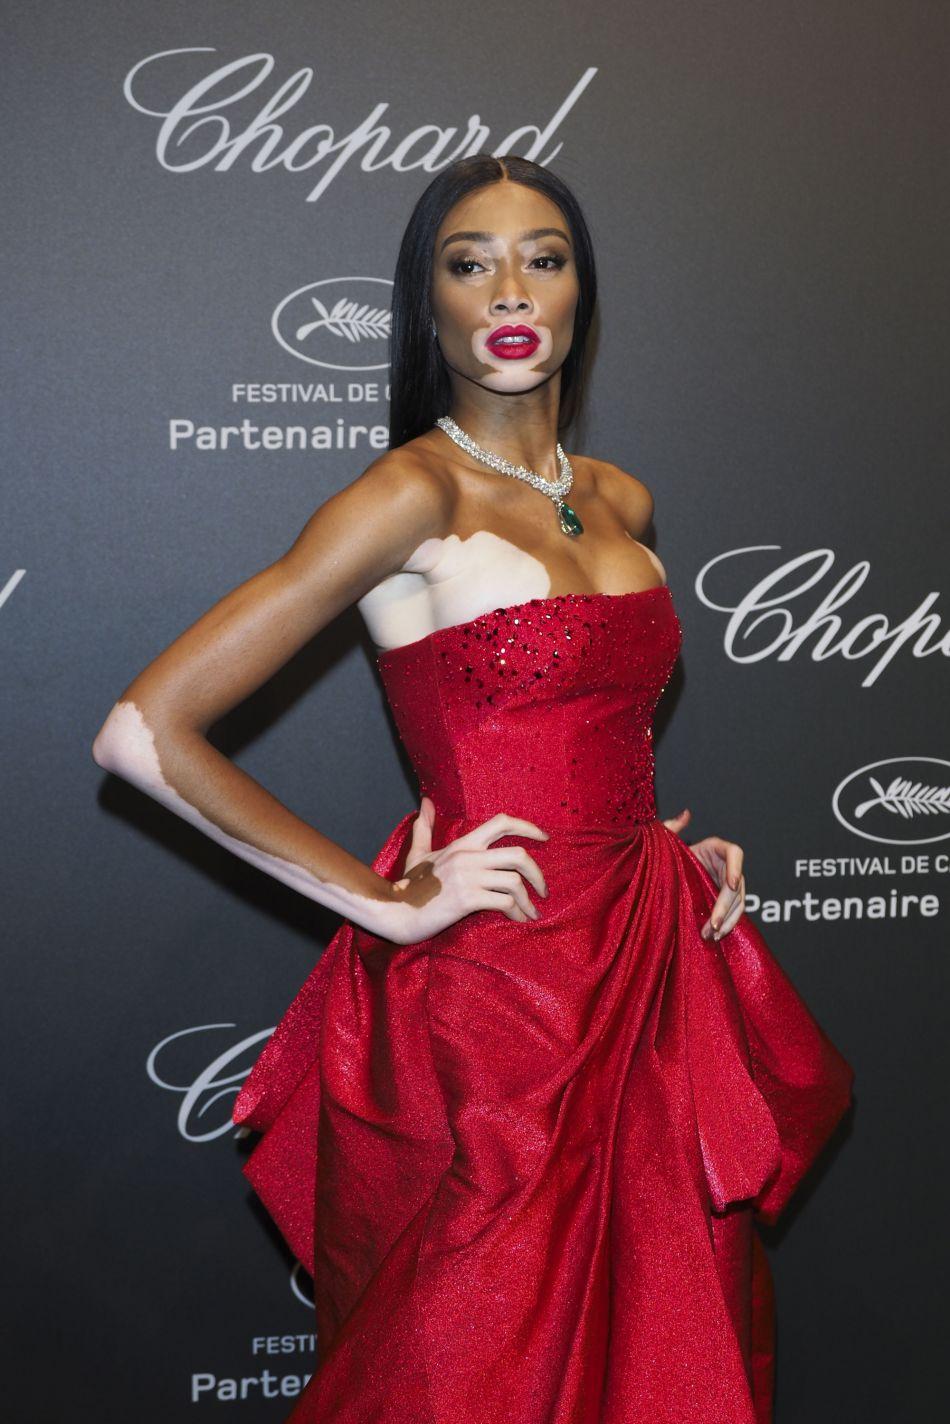 Winnie Harlow a fait une sublime apparition à la soirée Chopard à Cannes 2017.